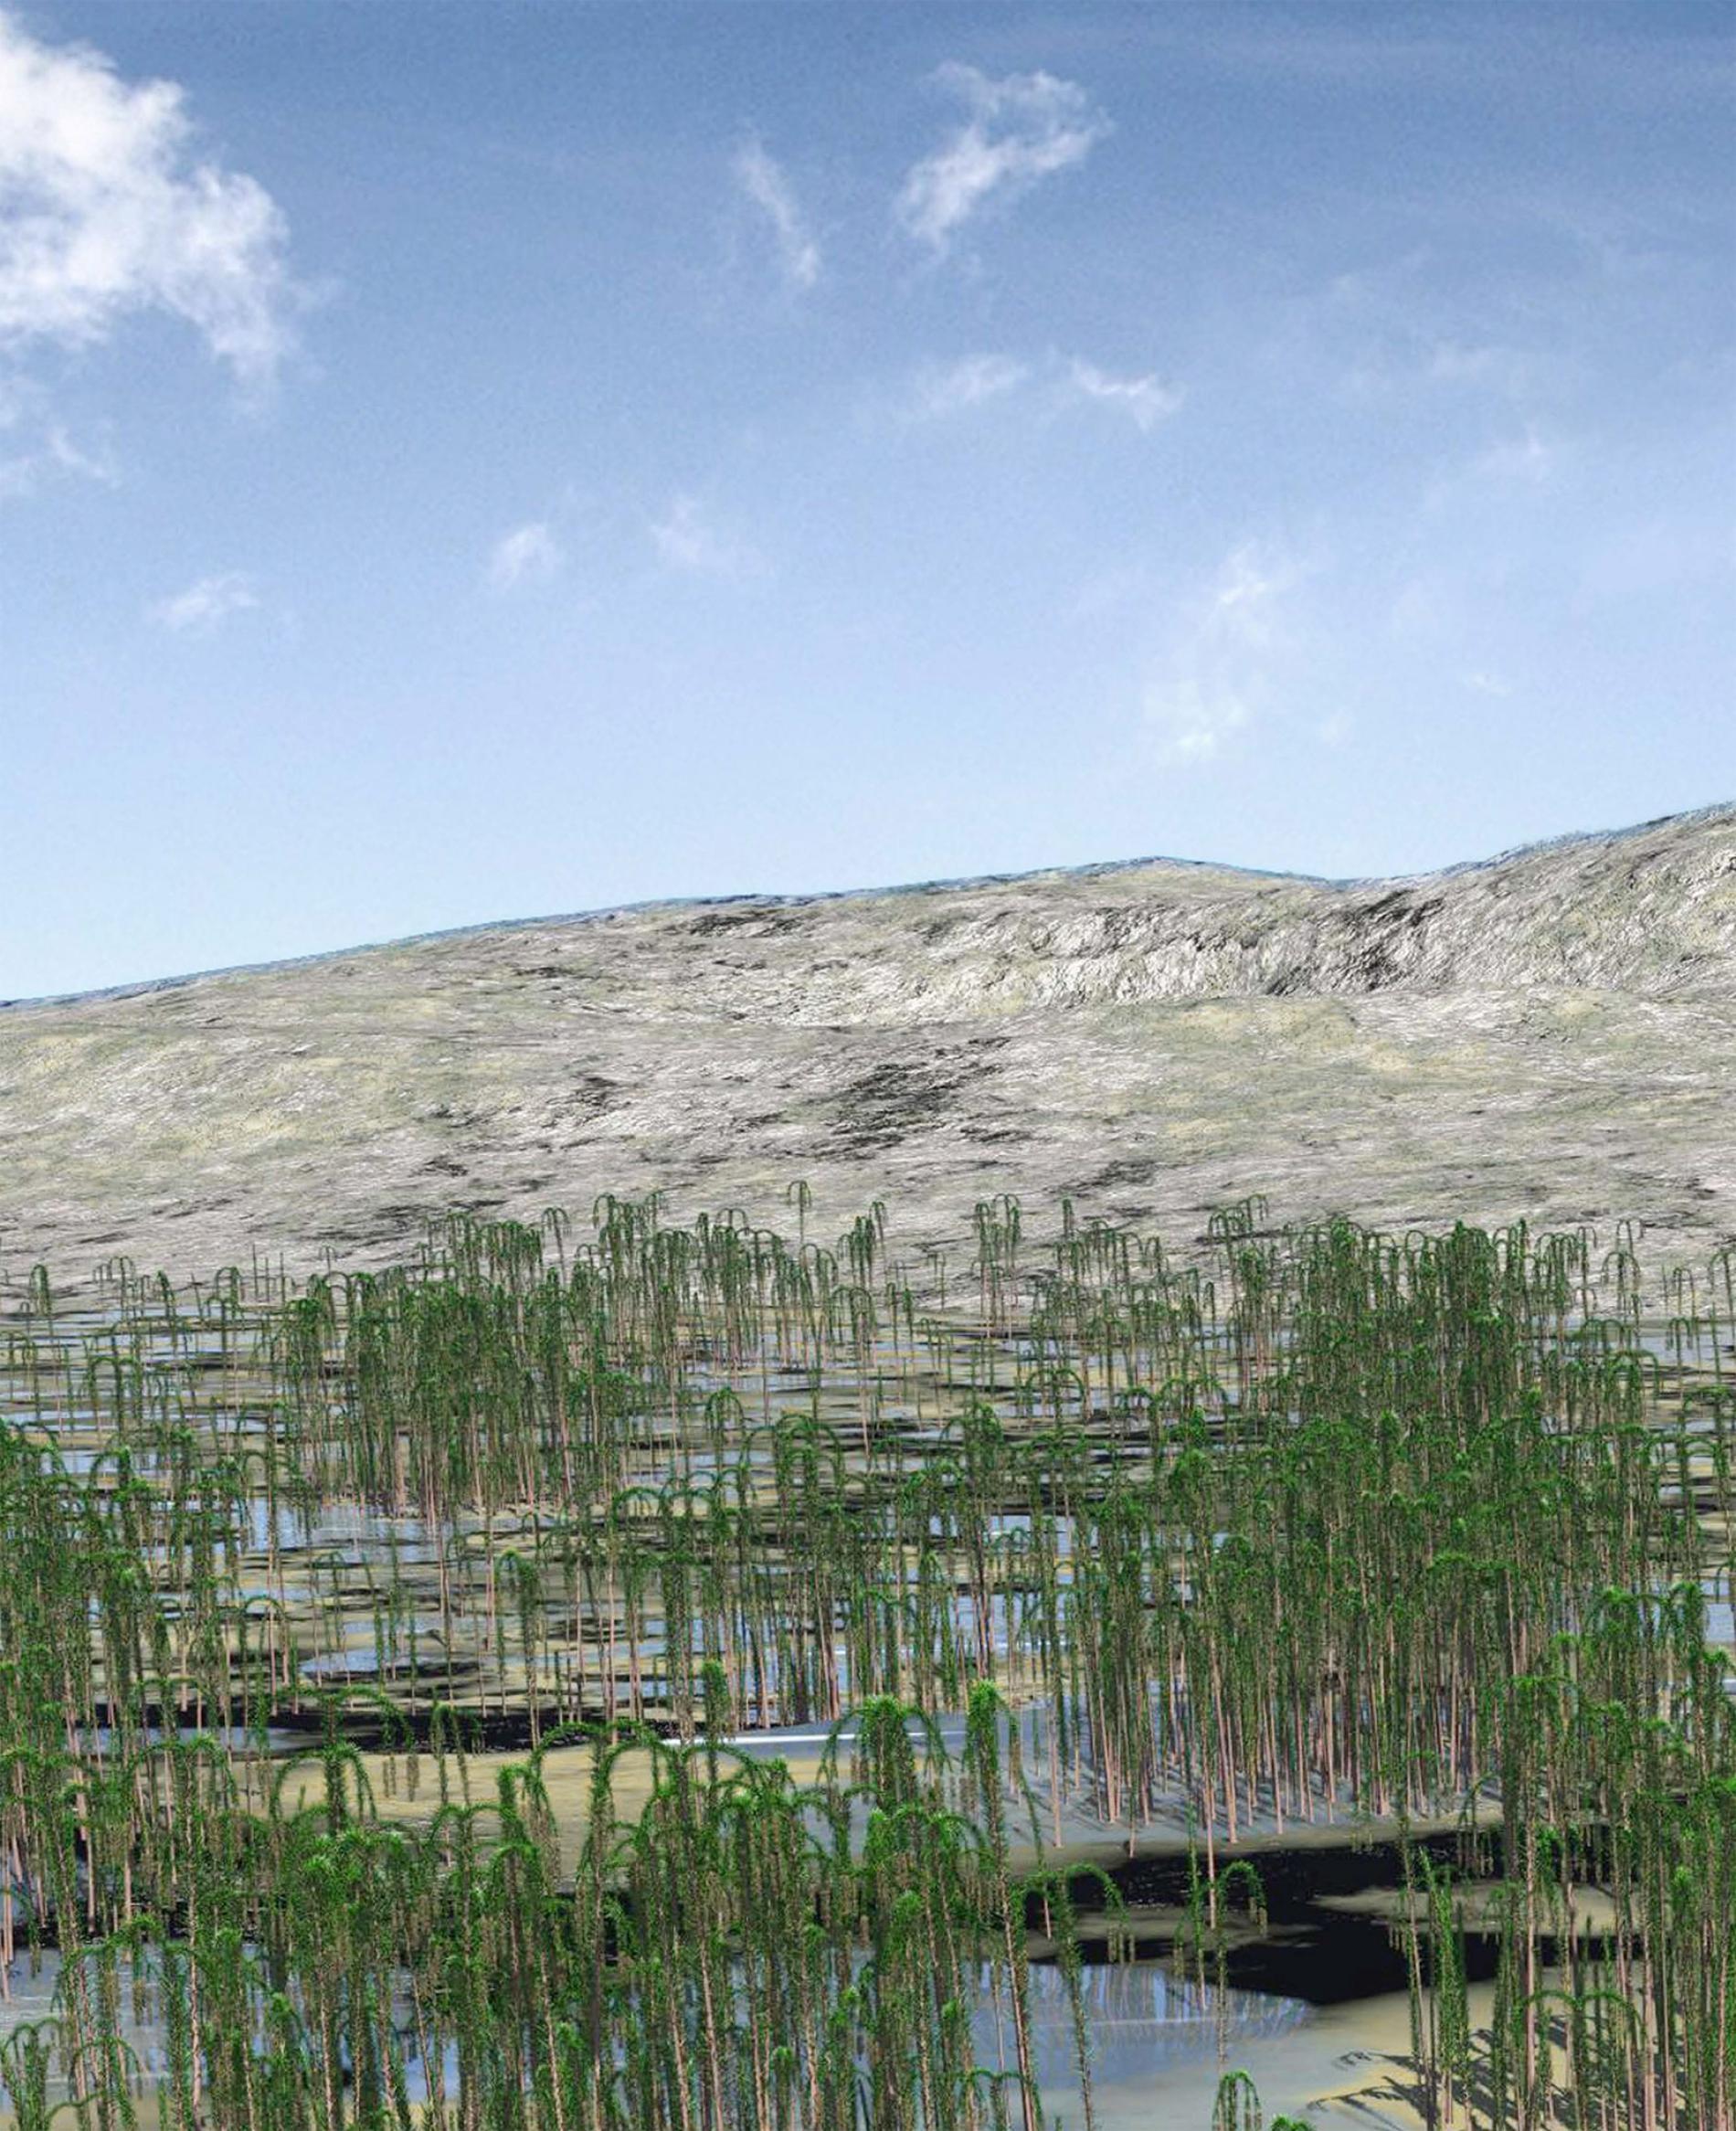 如插圖所示,新杭森林中的矮小樹種可能生活在鄰近海岸的沼澤環境之中。IMAGE BY DEMING WANG